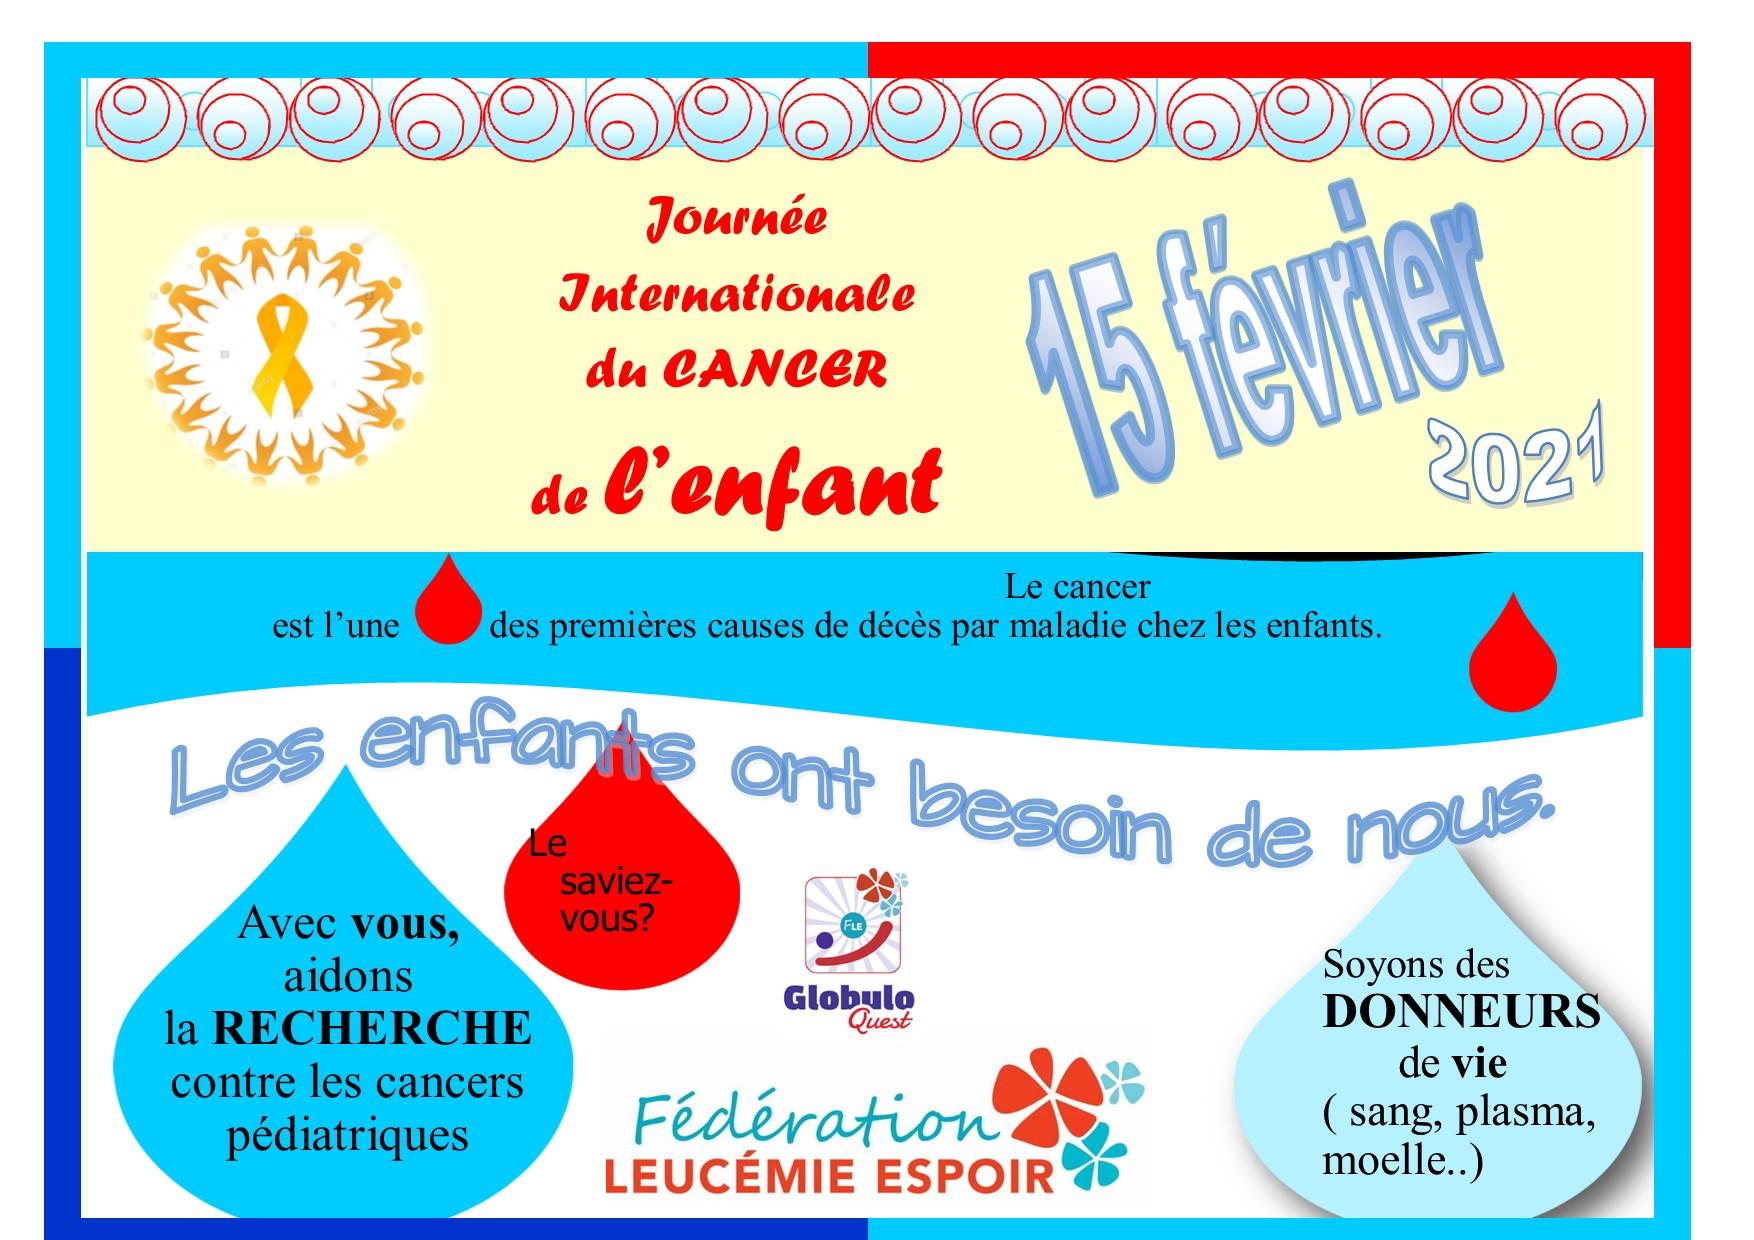 JOURNEE INTERNATIONALE DU CANCER DE L'ENFANT